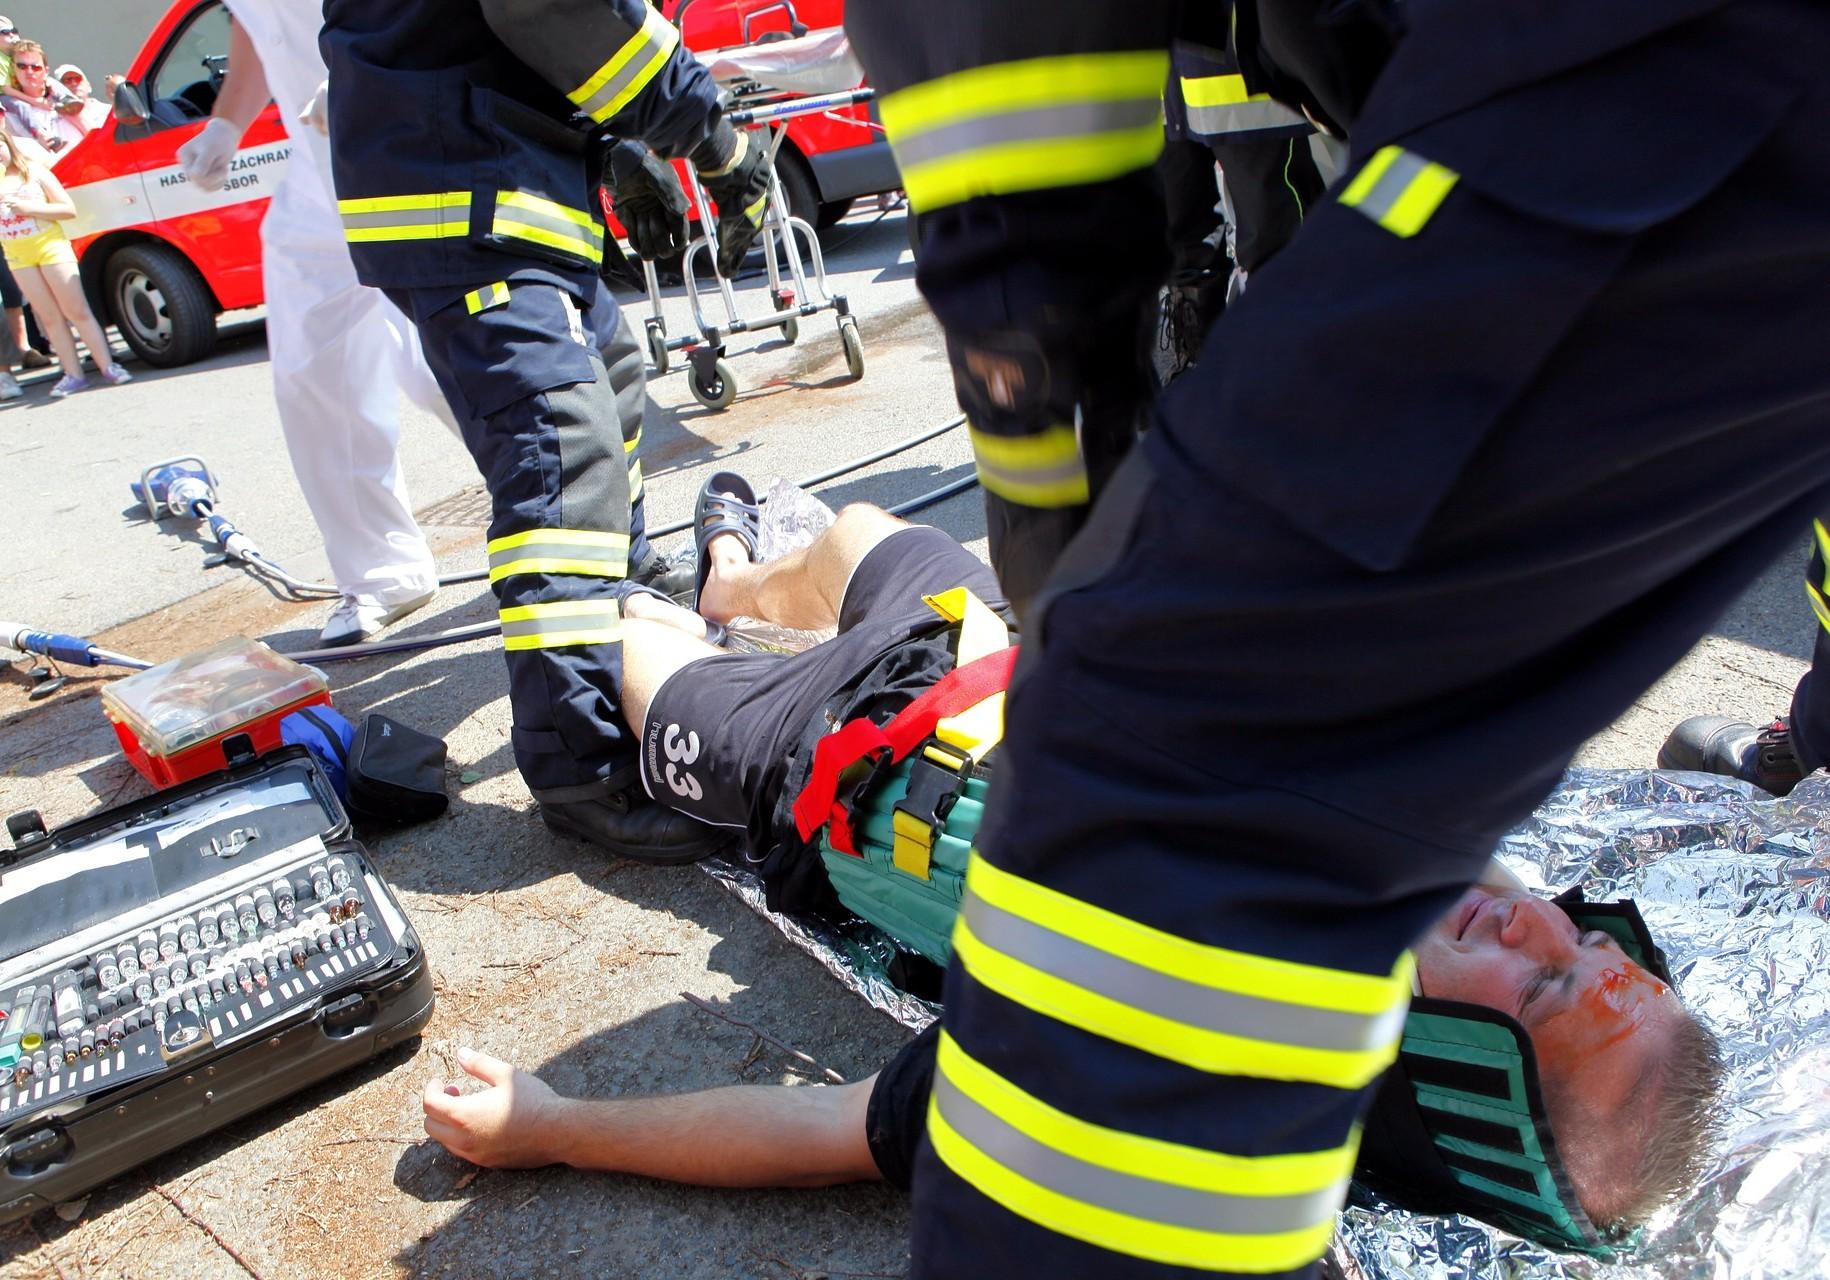 accident-1128236_1920